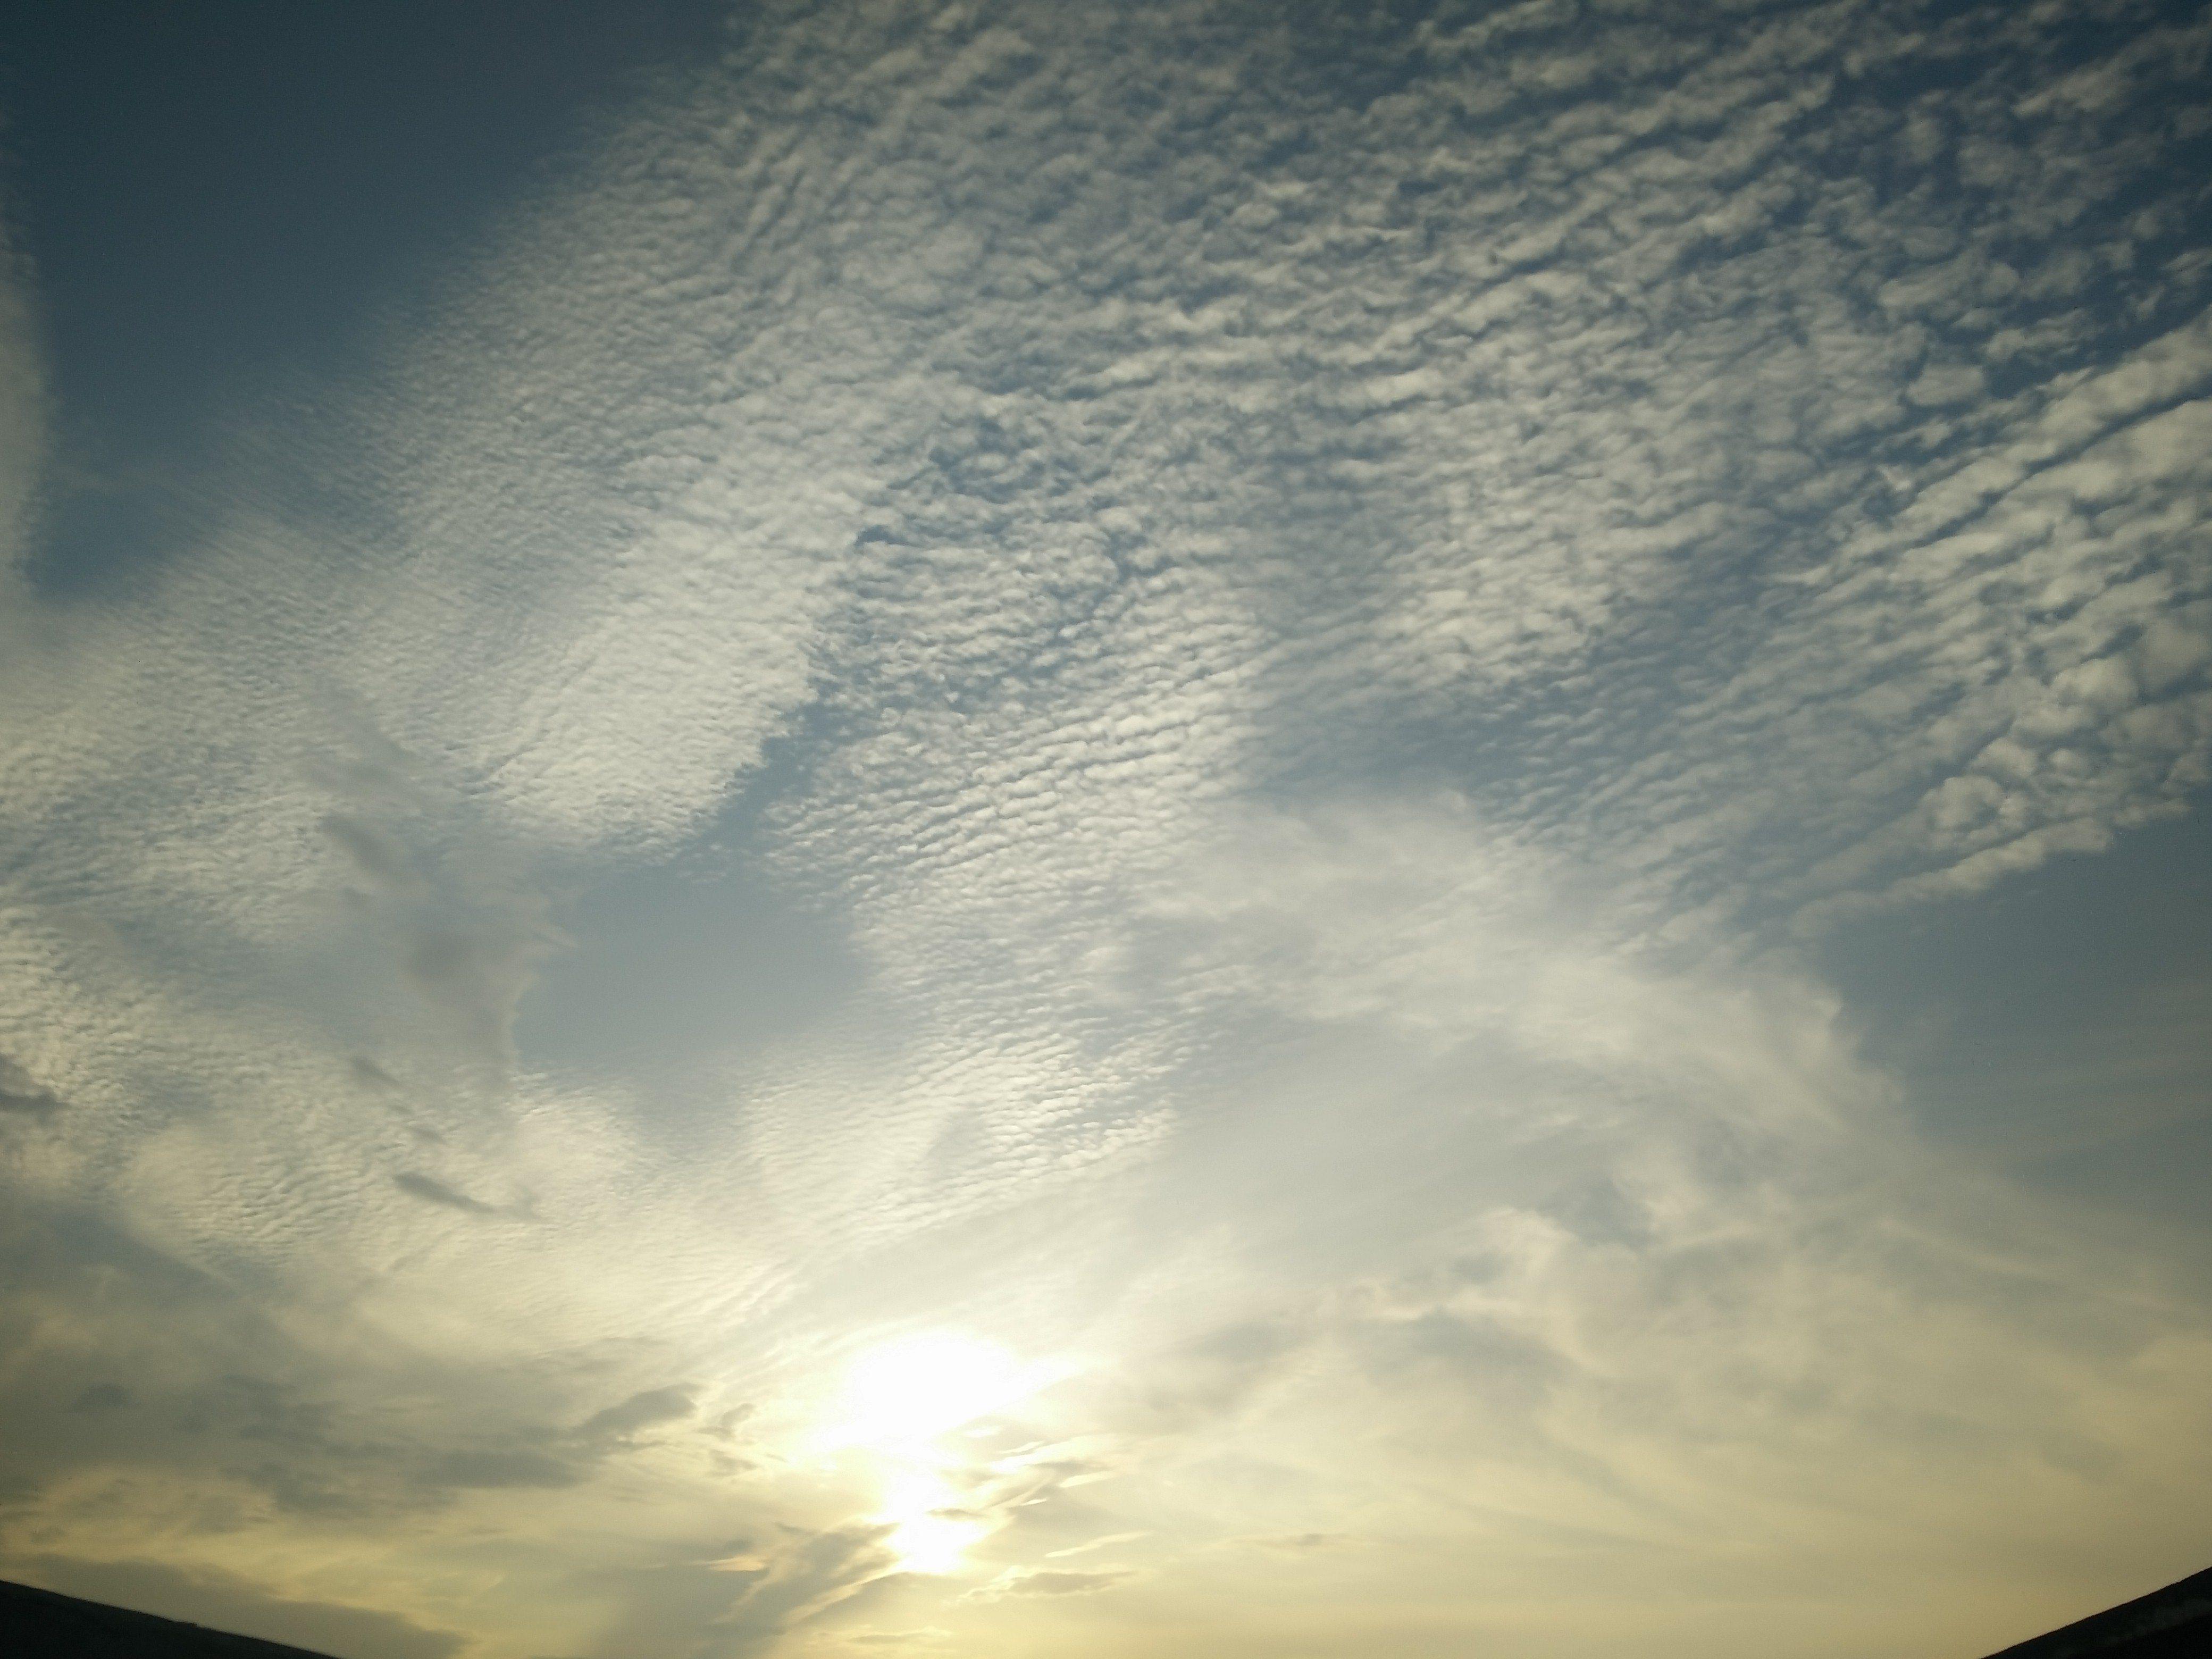 仰望天空,带上一加一氢OS